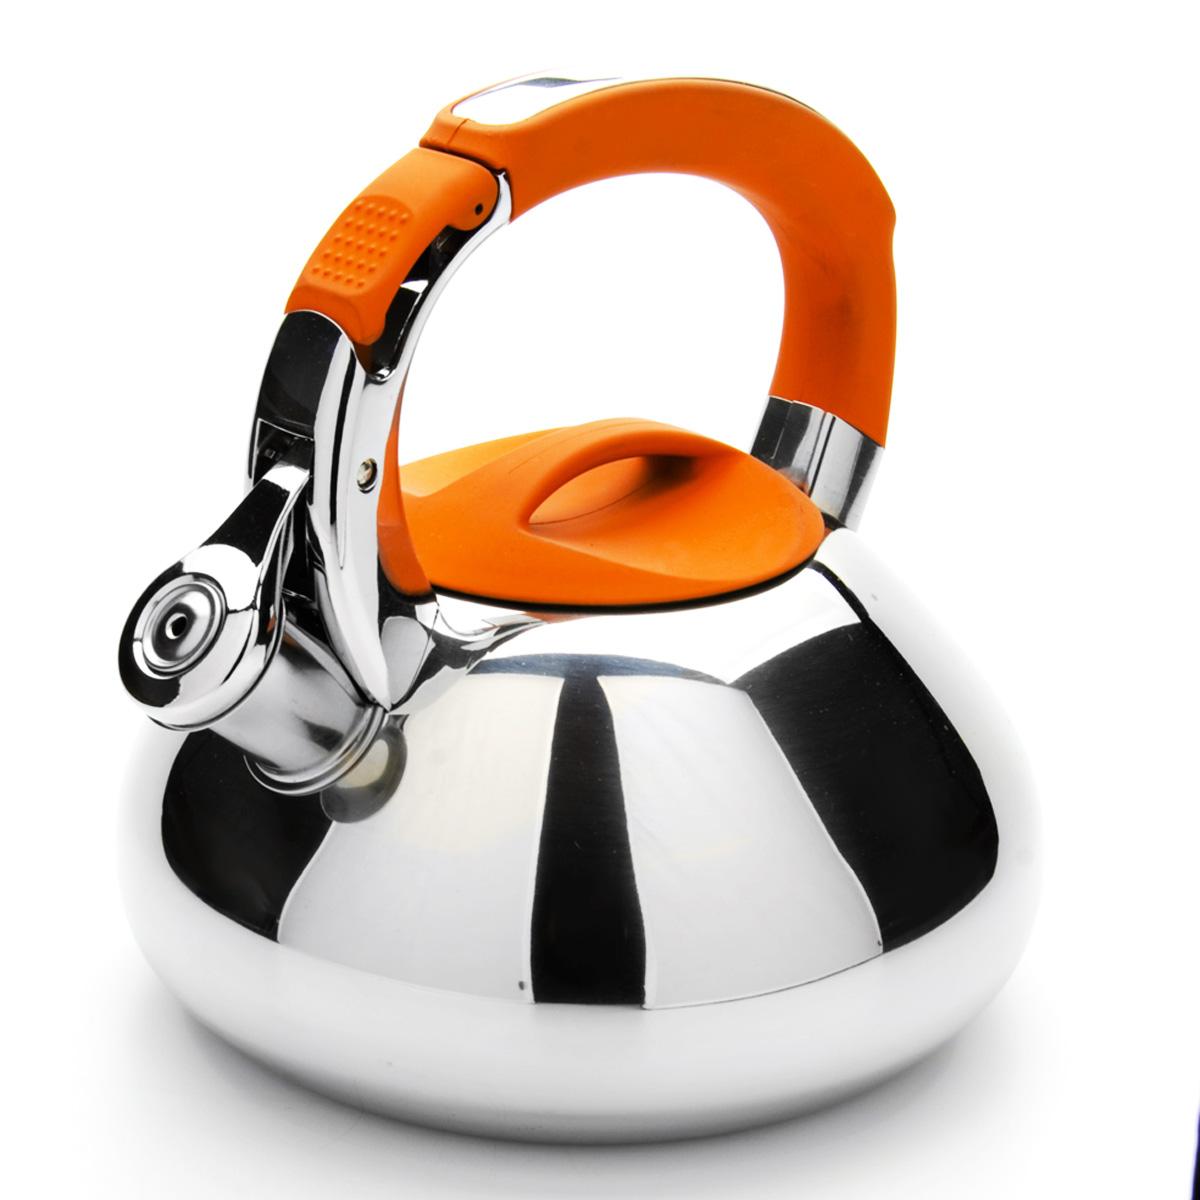 Чайник Mayer & Boch со свистком, цвет: оранжевый, 2,9 л. 2359223592Чайник Mayer & Boch выполнен из высококачественной нержавеющей стали, что обеспечивает долговечность использования. Внешнее зеркальноепокрытие придает приятный внешний вид. Фиксированная ручка из нейлона делает использование чайника очень удобным и безопасным. Чайник снабжен свистком и устройством для открывания носика, которое находится на ручке. Можно мыть в посудомоечной машине. Пригоден для всех видов плит, включая индукционные. Высота чайника (без учета крышки и ручки): 10 см.Диаметр основания: 16,5 см.